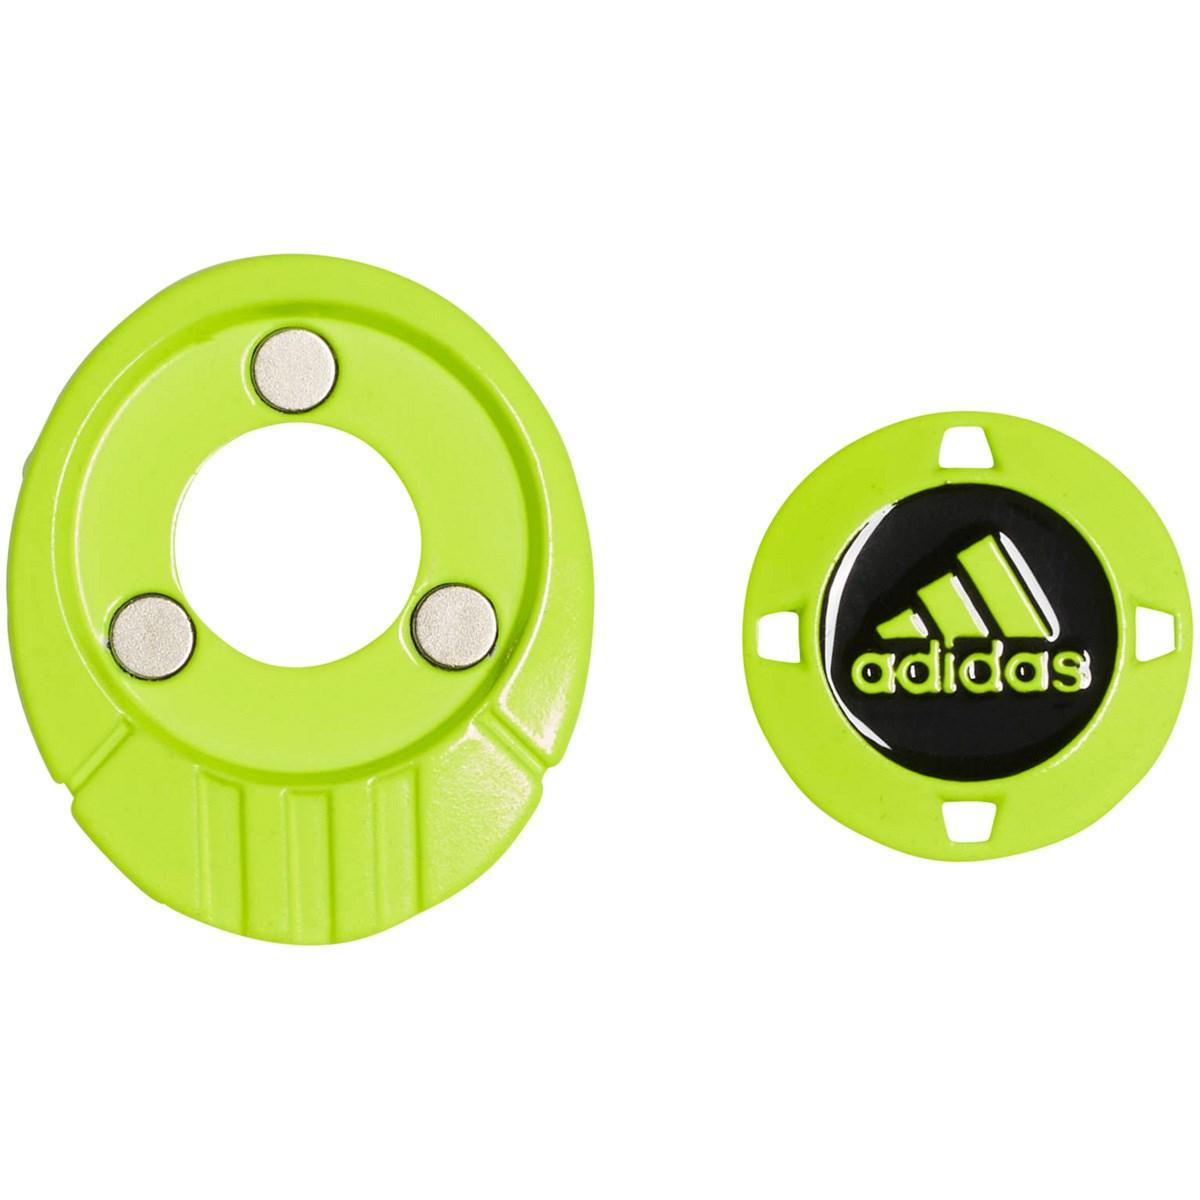 アディダス Adidas ネオンカラーツインマーカー イエロー